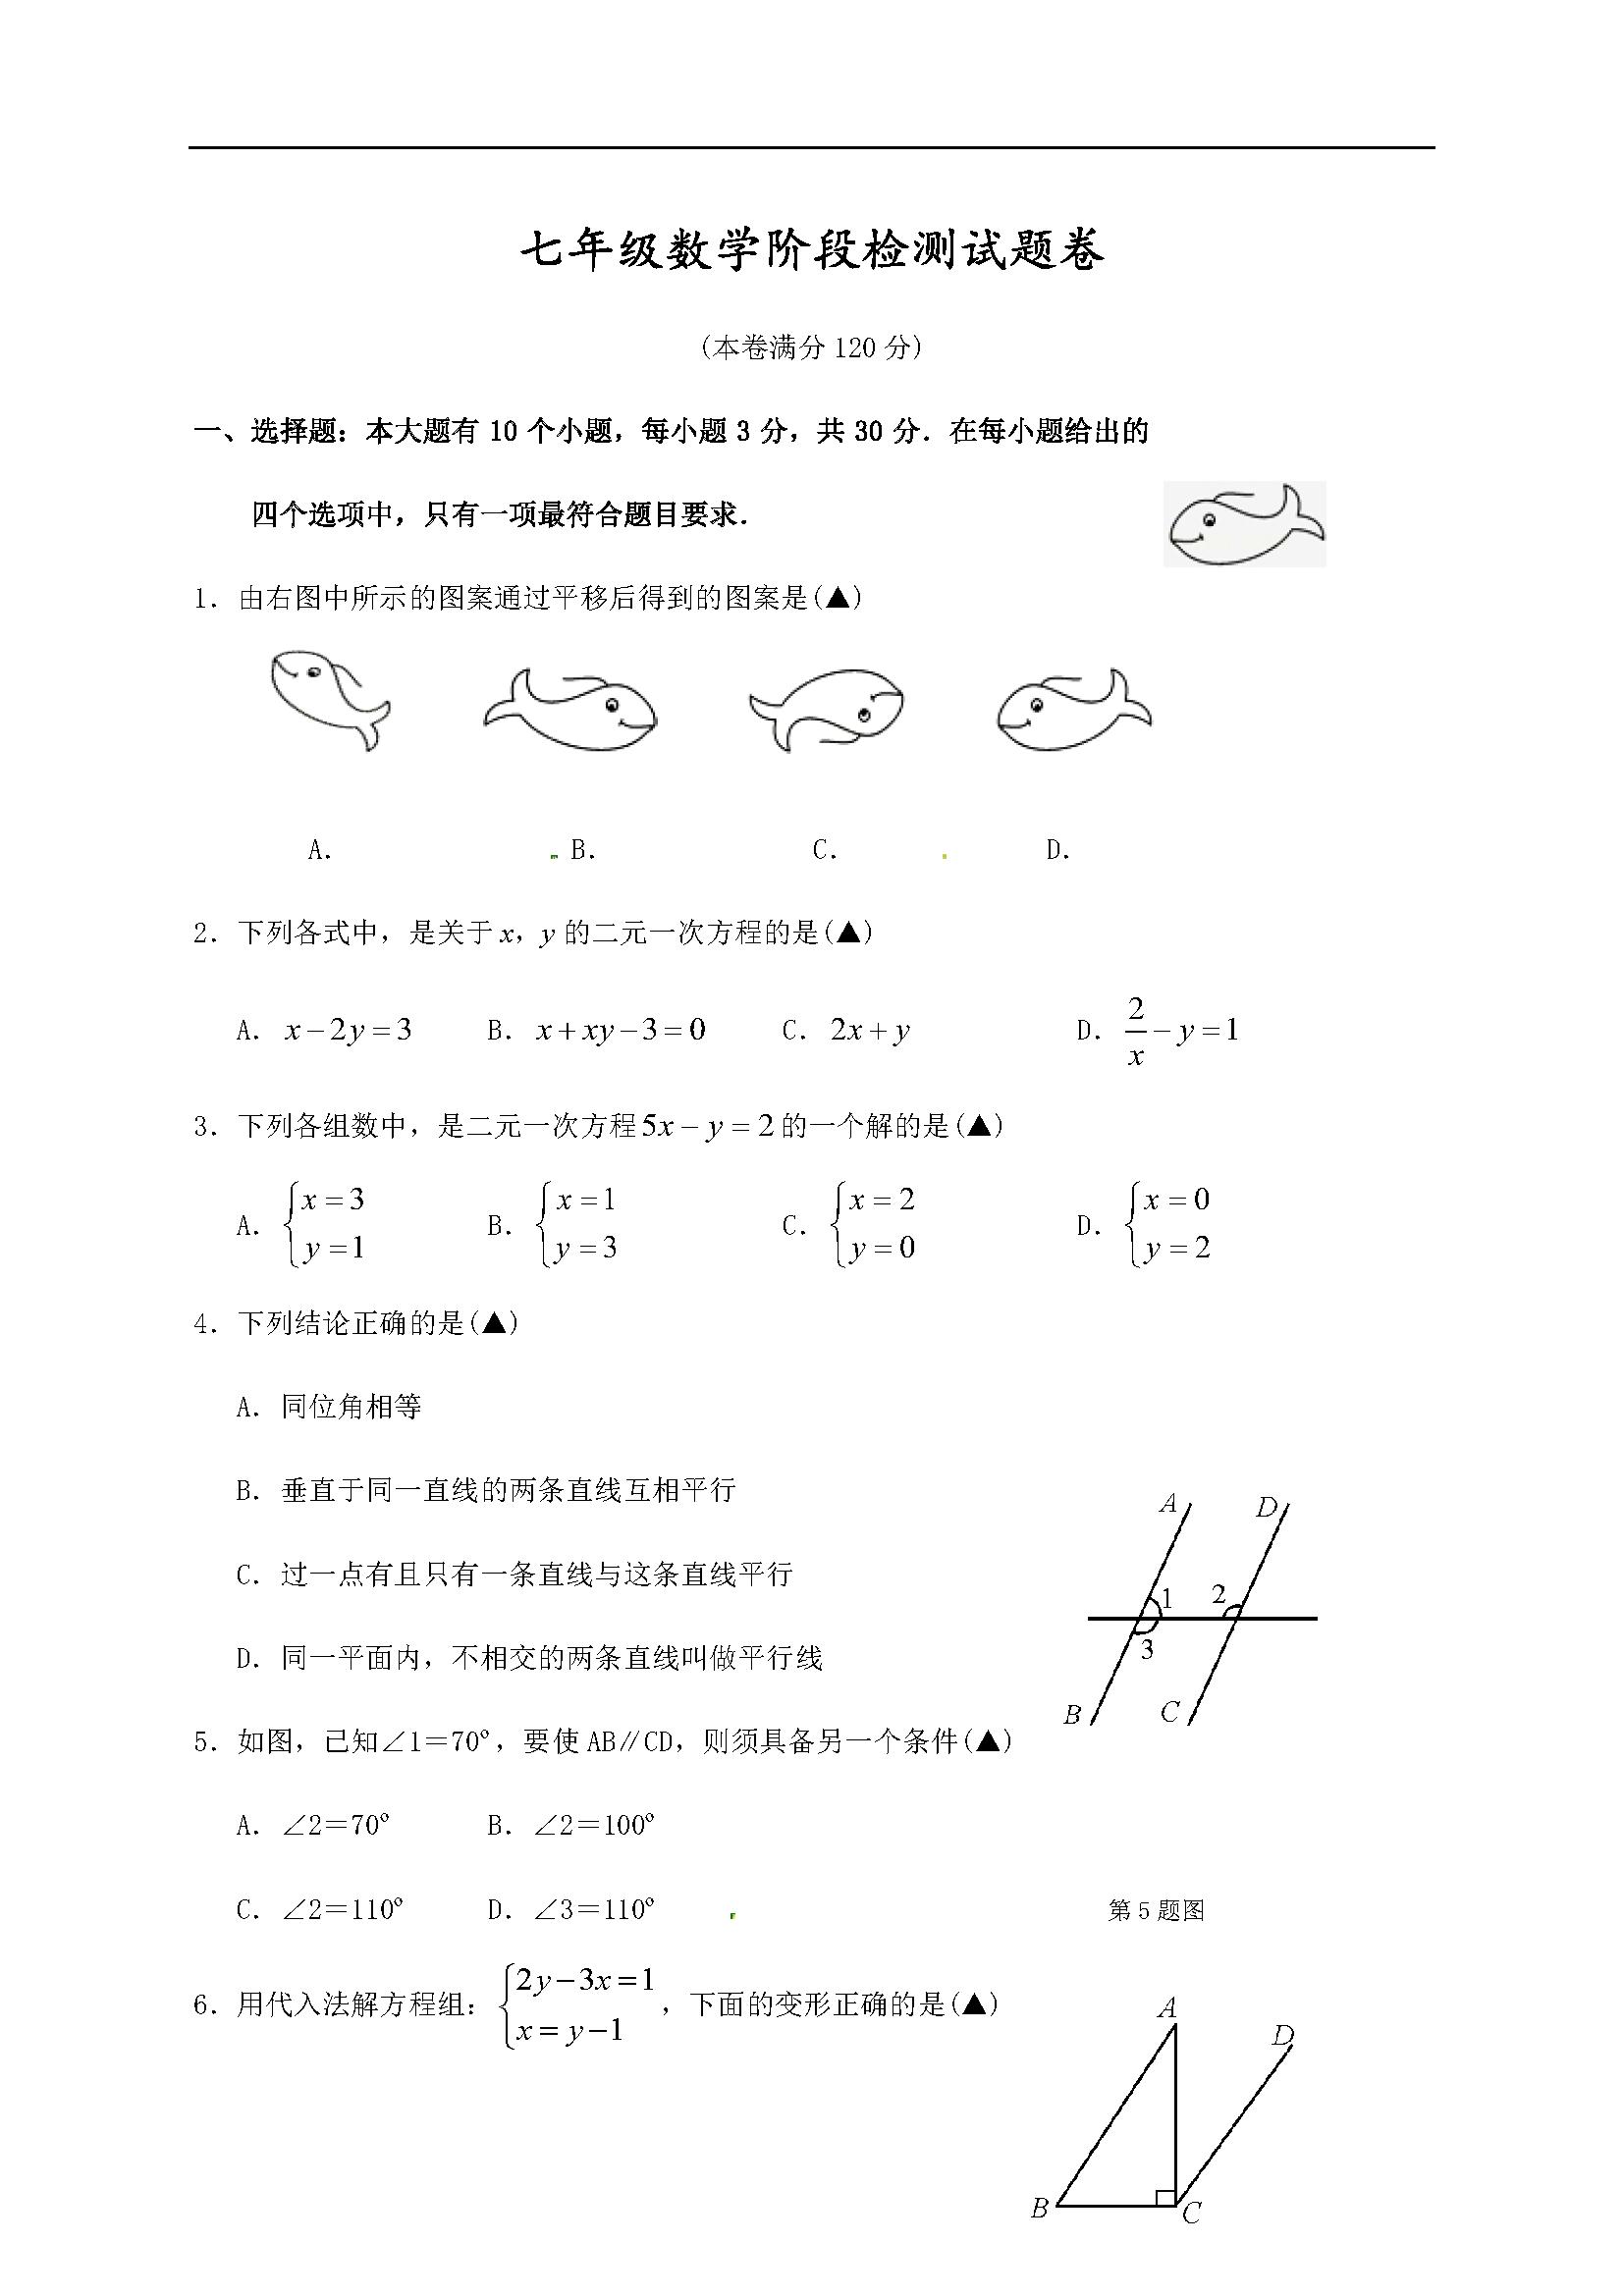 2017浙江杭州萧山戴村片七年级3月月考数学试题(图片版)